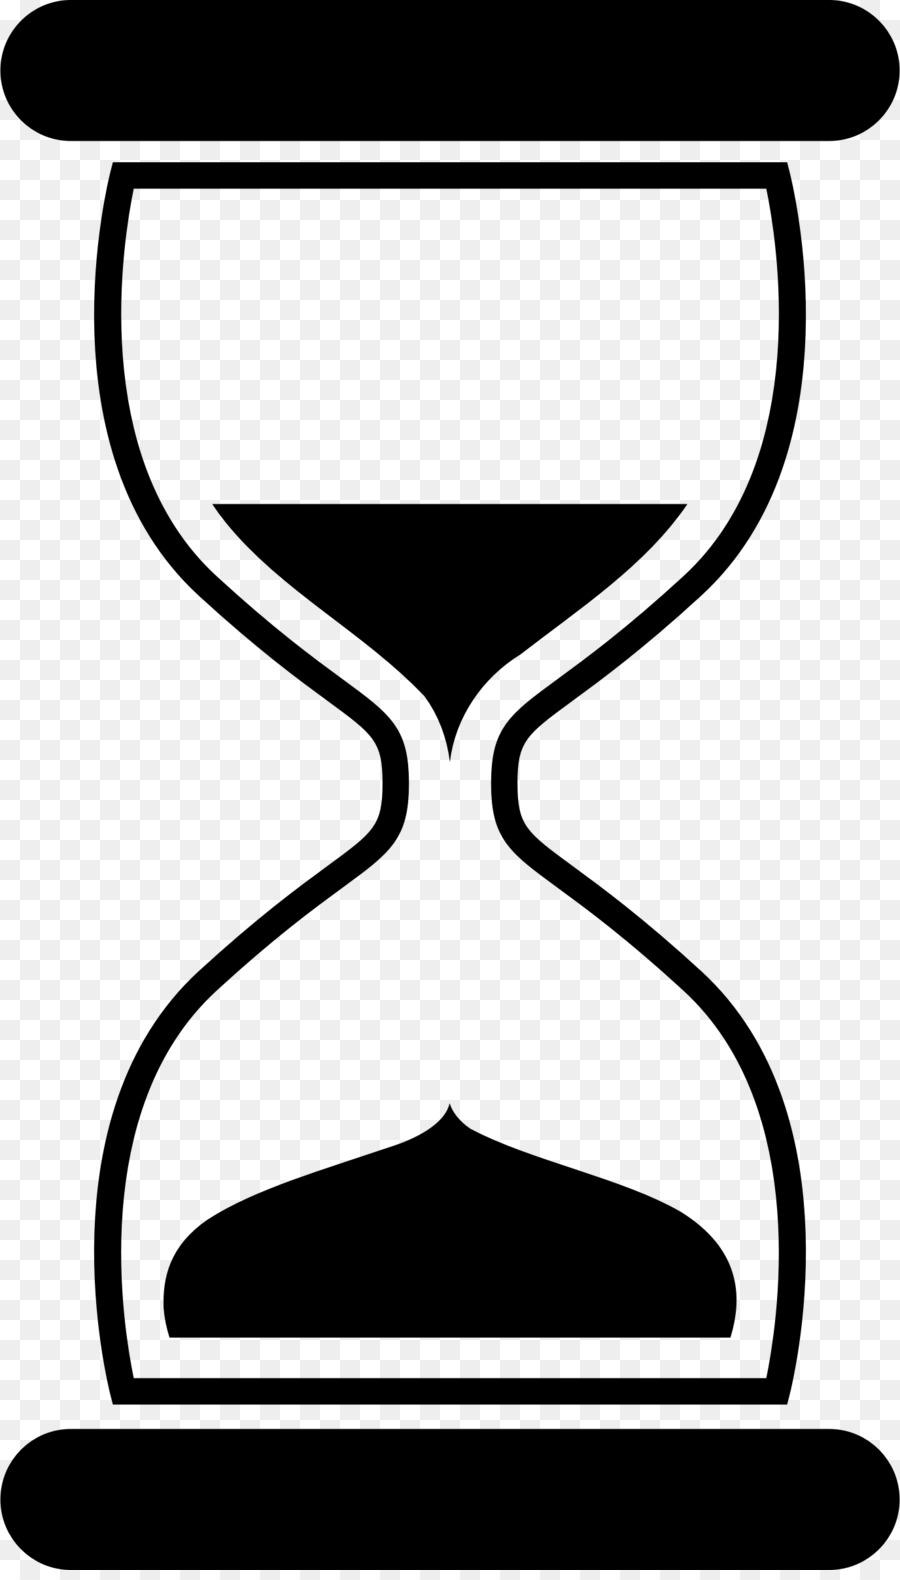 Hourglass clipart sand watch. Cartoon clock transparent clip